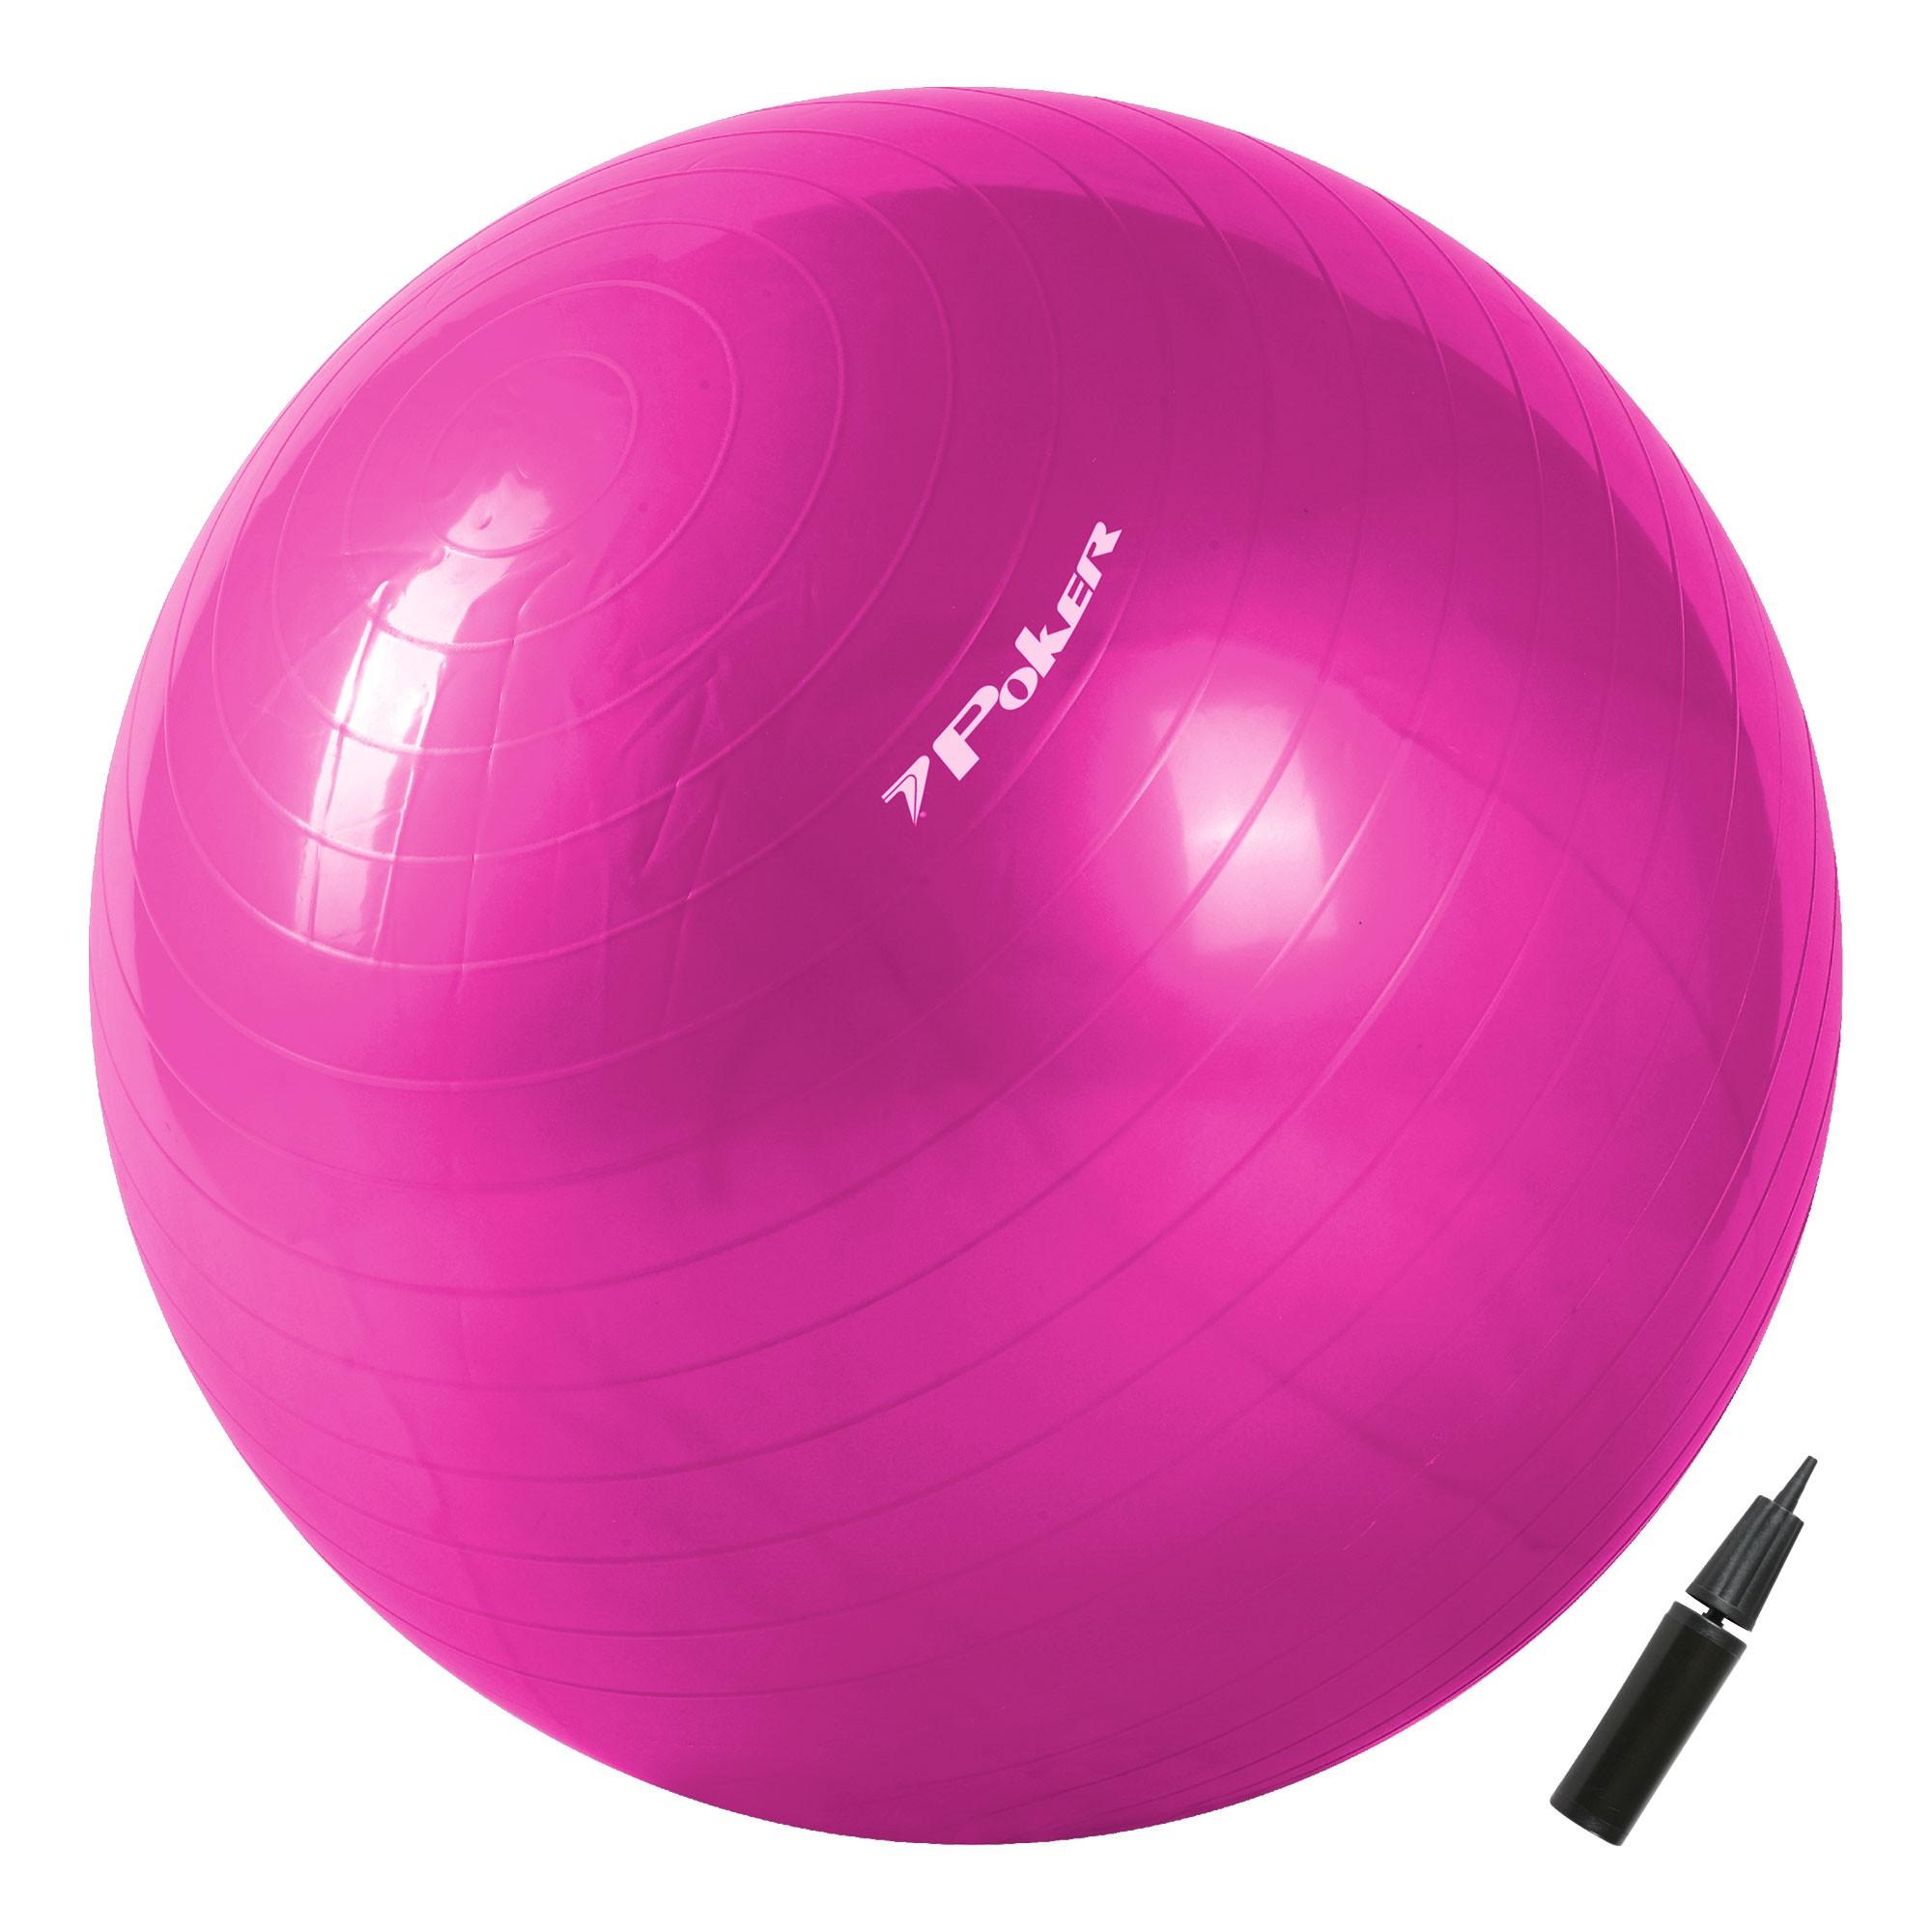 Bola de Pilates Suiça Gym Ball com Bomba de Ar - 55cm 09092